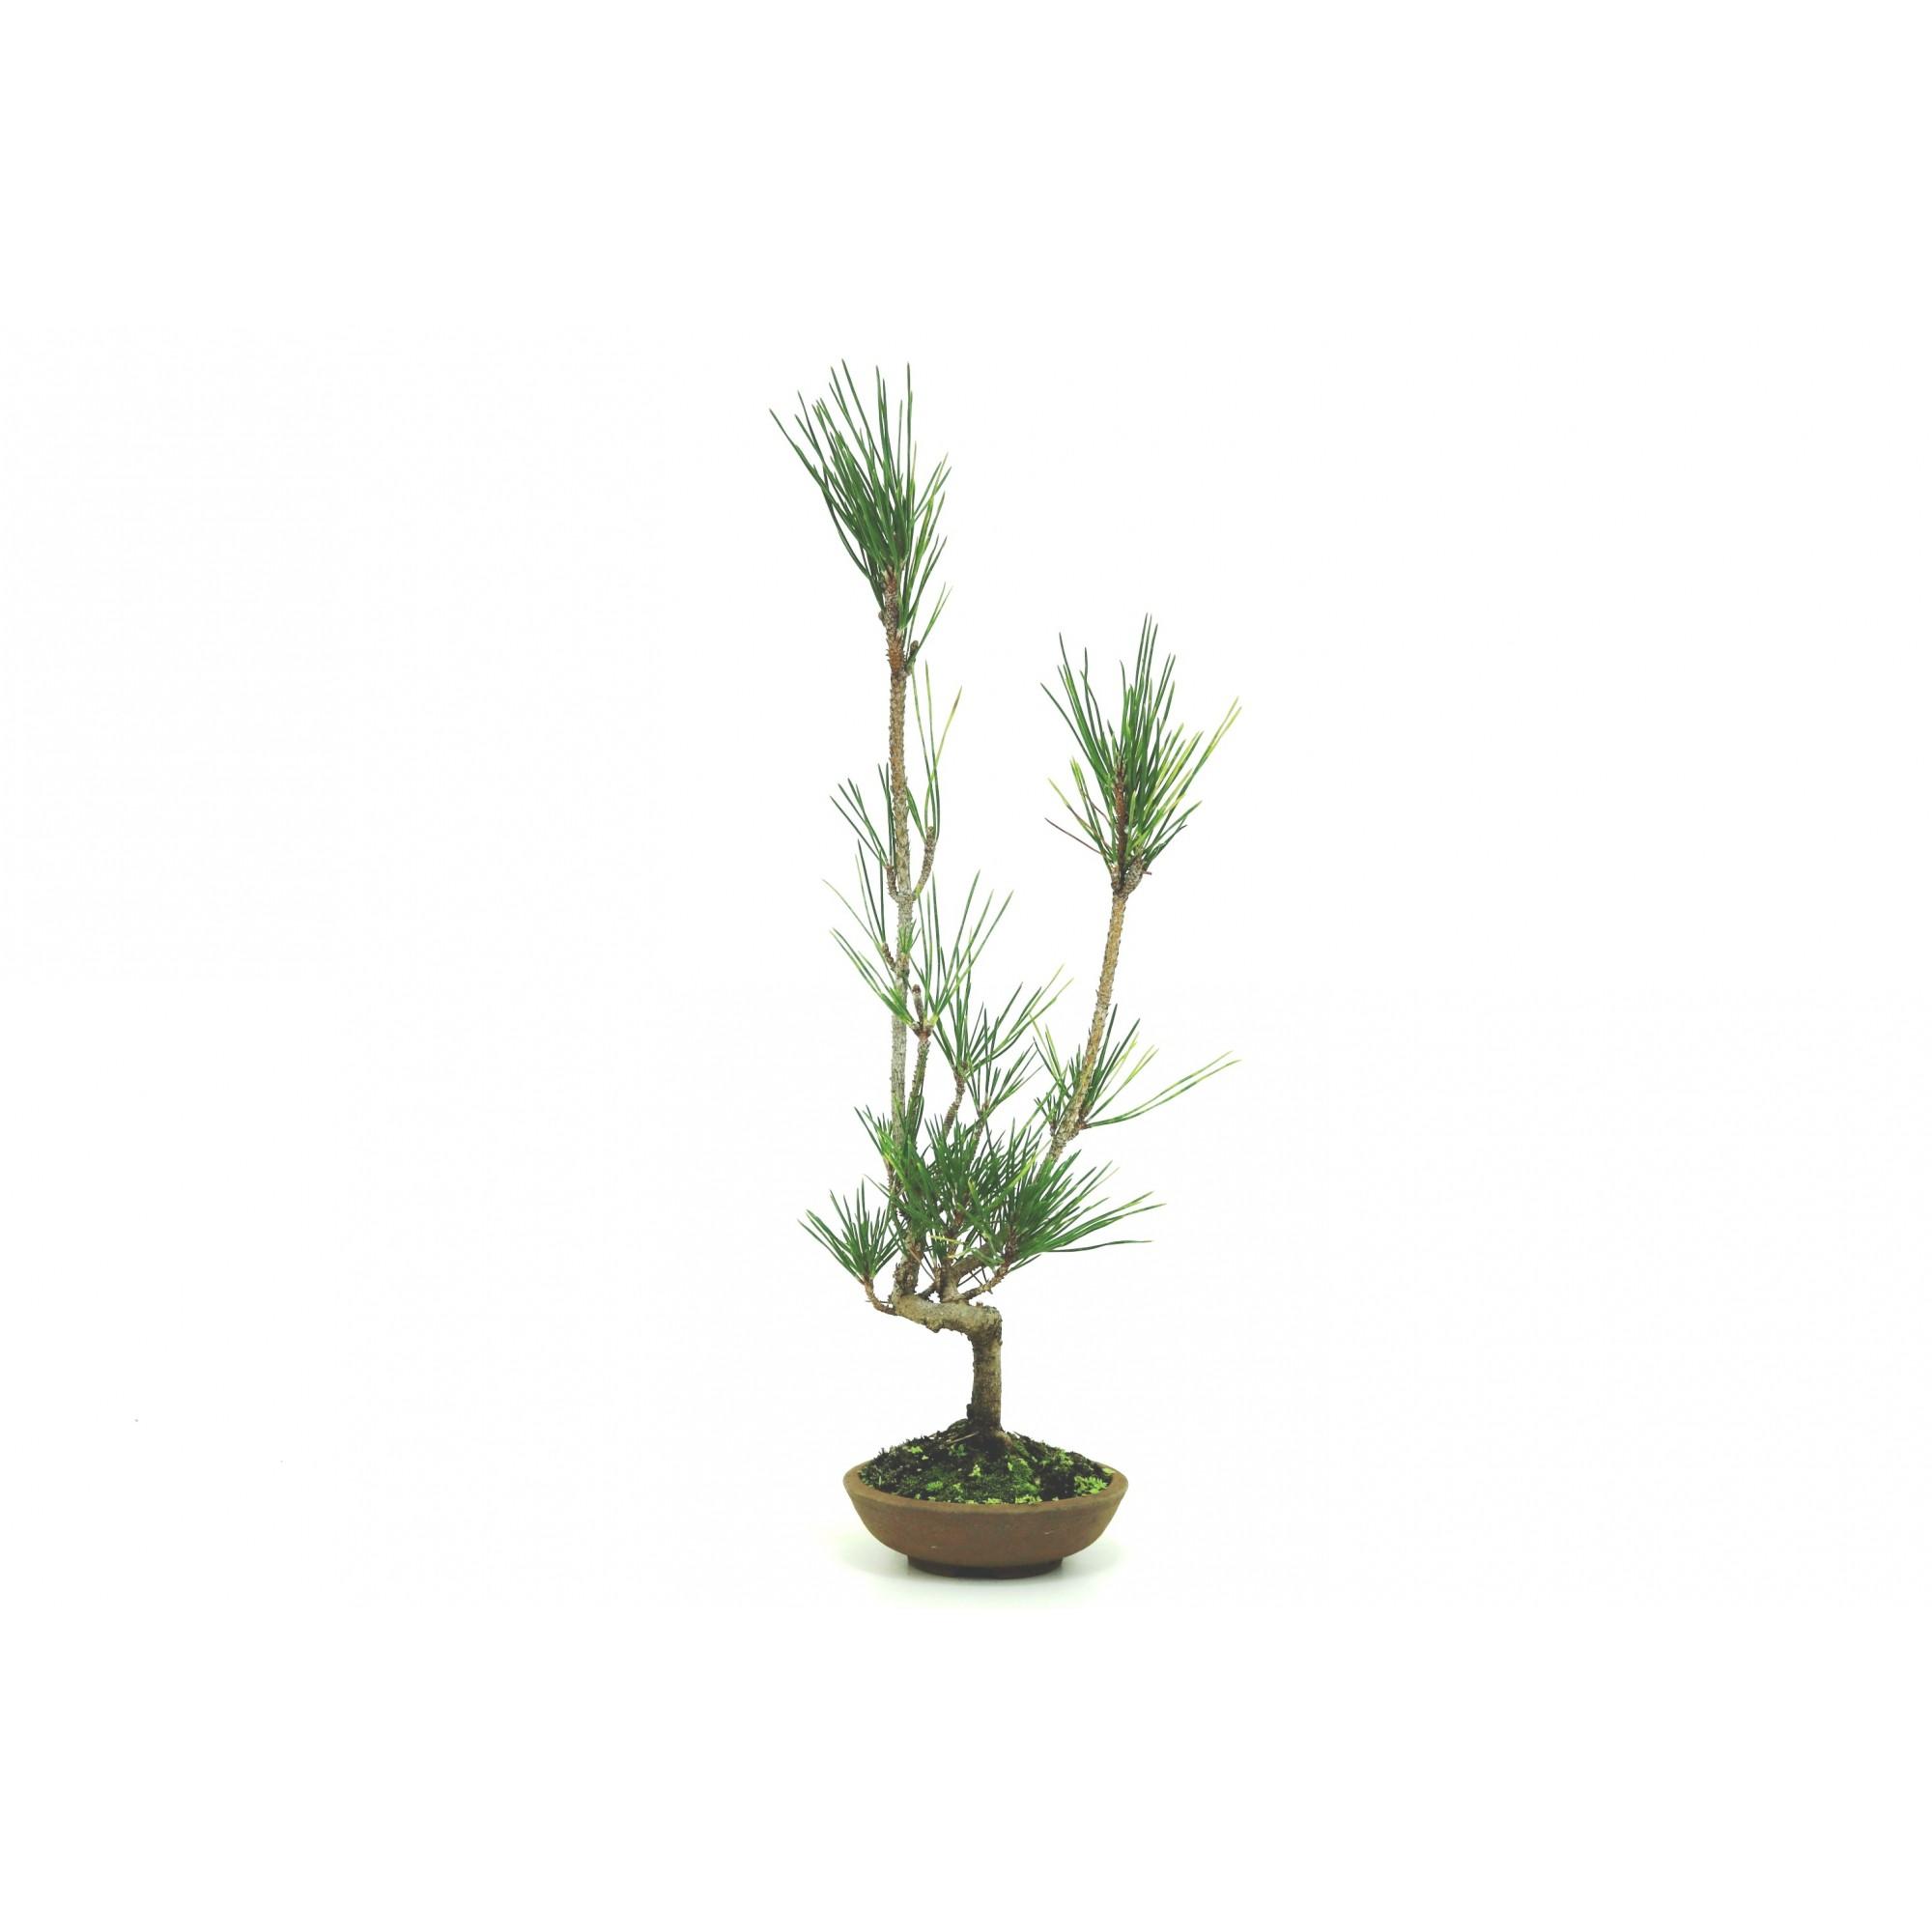 Bonsai Pinheiro Vermelho 06 anos - medida da planta (AxL) 40x13 cm